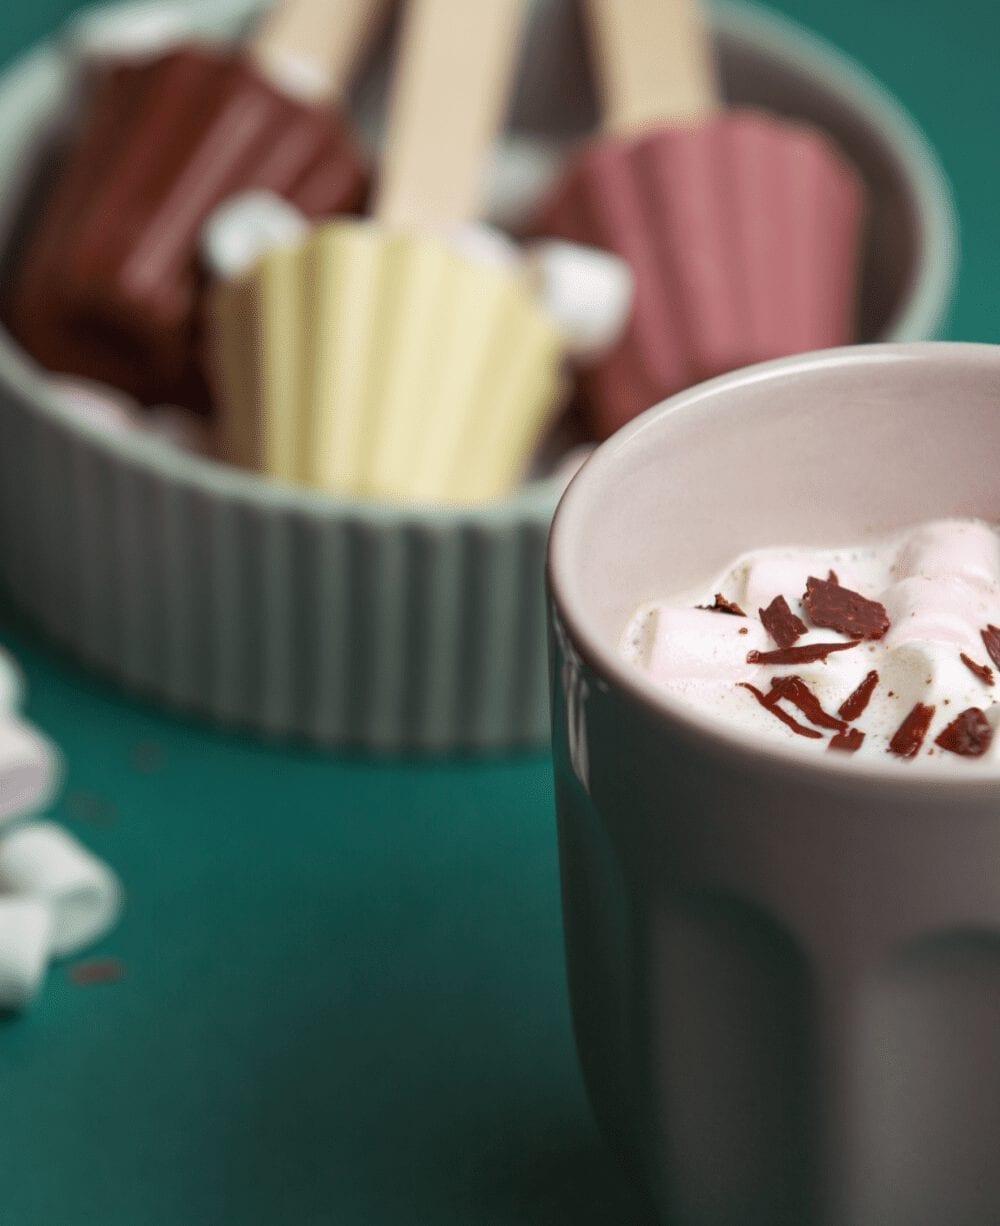 best hot chocolate varieties - Wilde Irish Chocolates